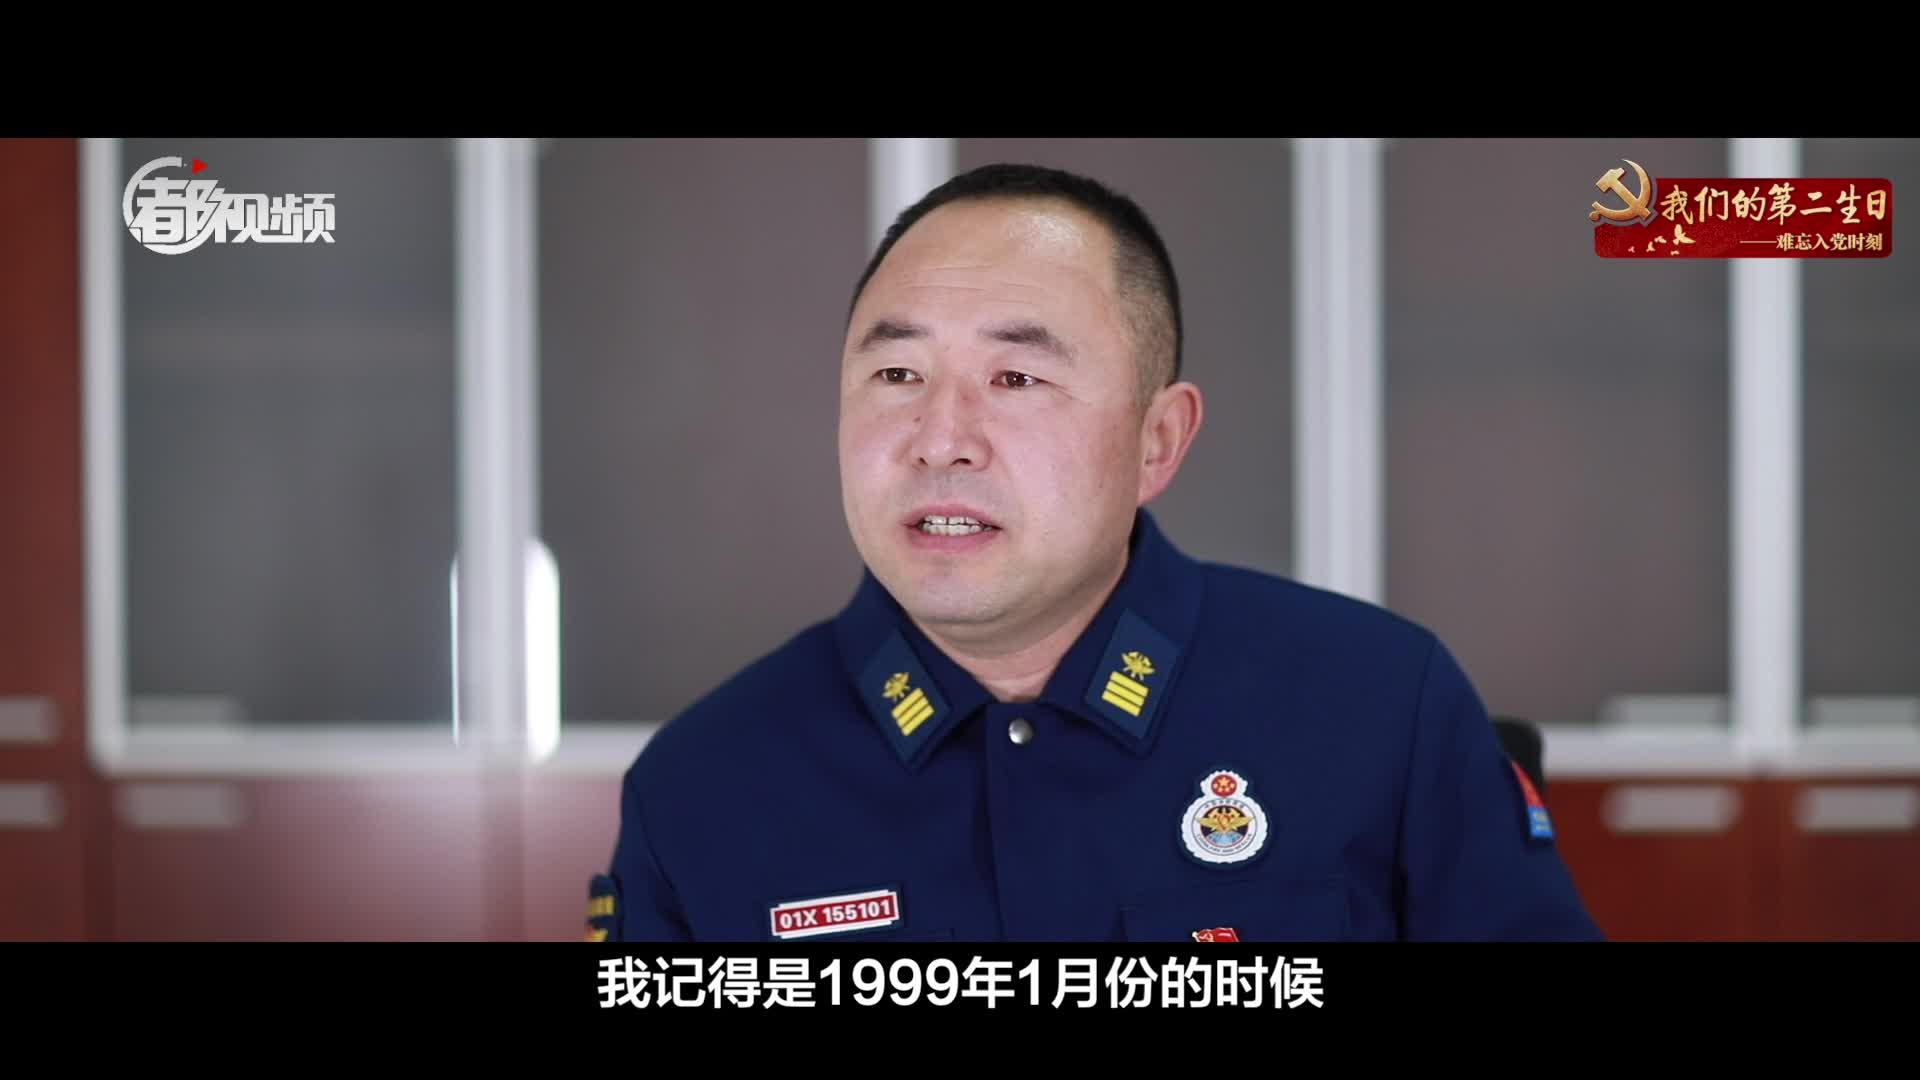 """我们的第二生日 王福明:一晚上出了十几趟火警,""""兵王""""是这样炼成的"""